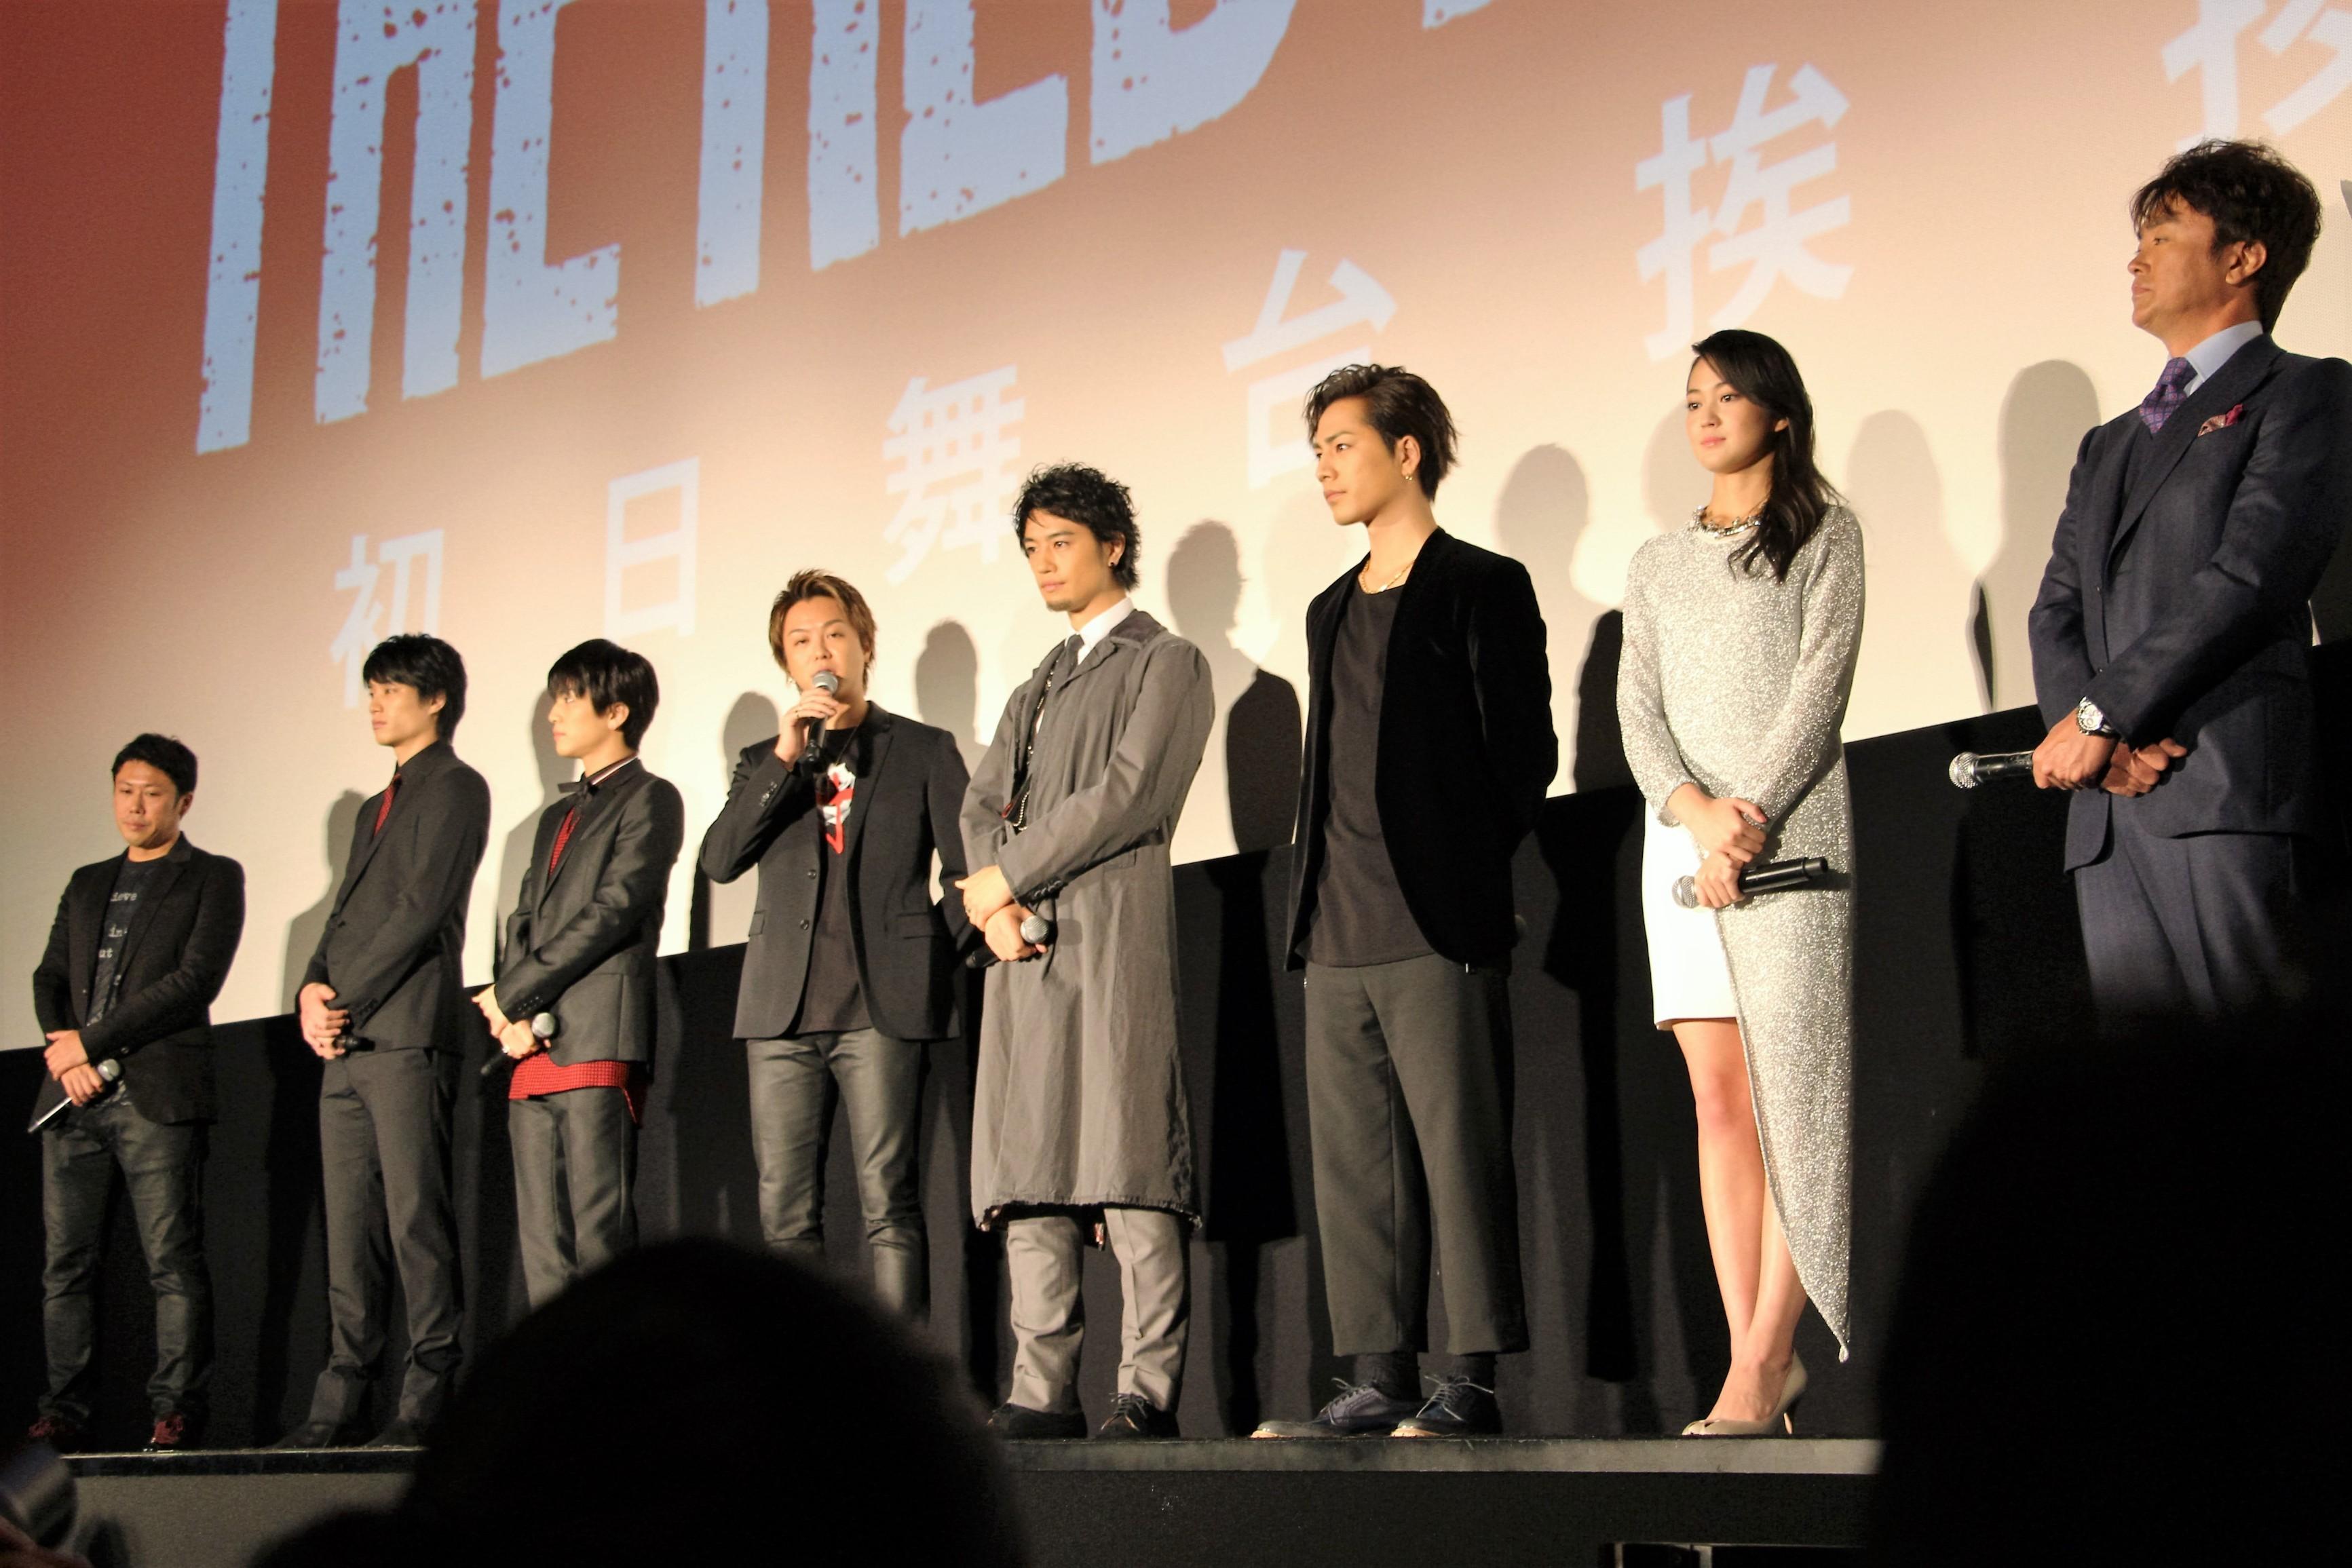 左から、山口雄大監督、鈴木伸之、岩田剛典、TAKAHIRO、斎藤工、登坂広臣、吉本実憂、石黒賢